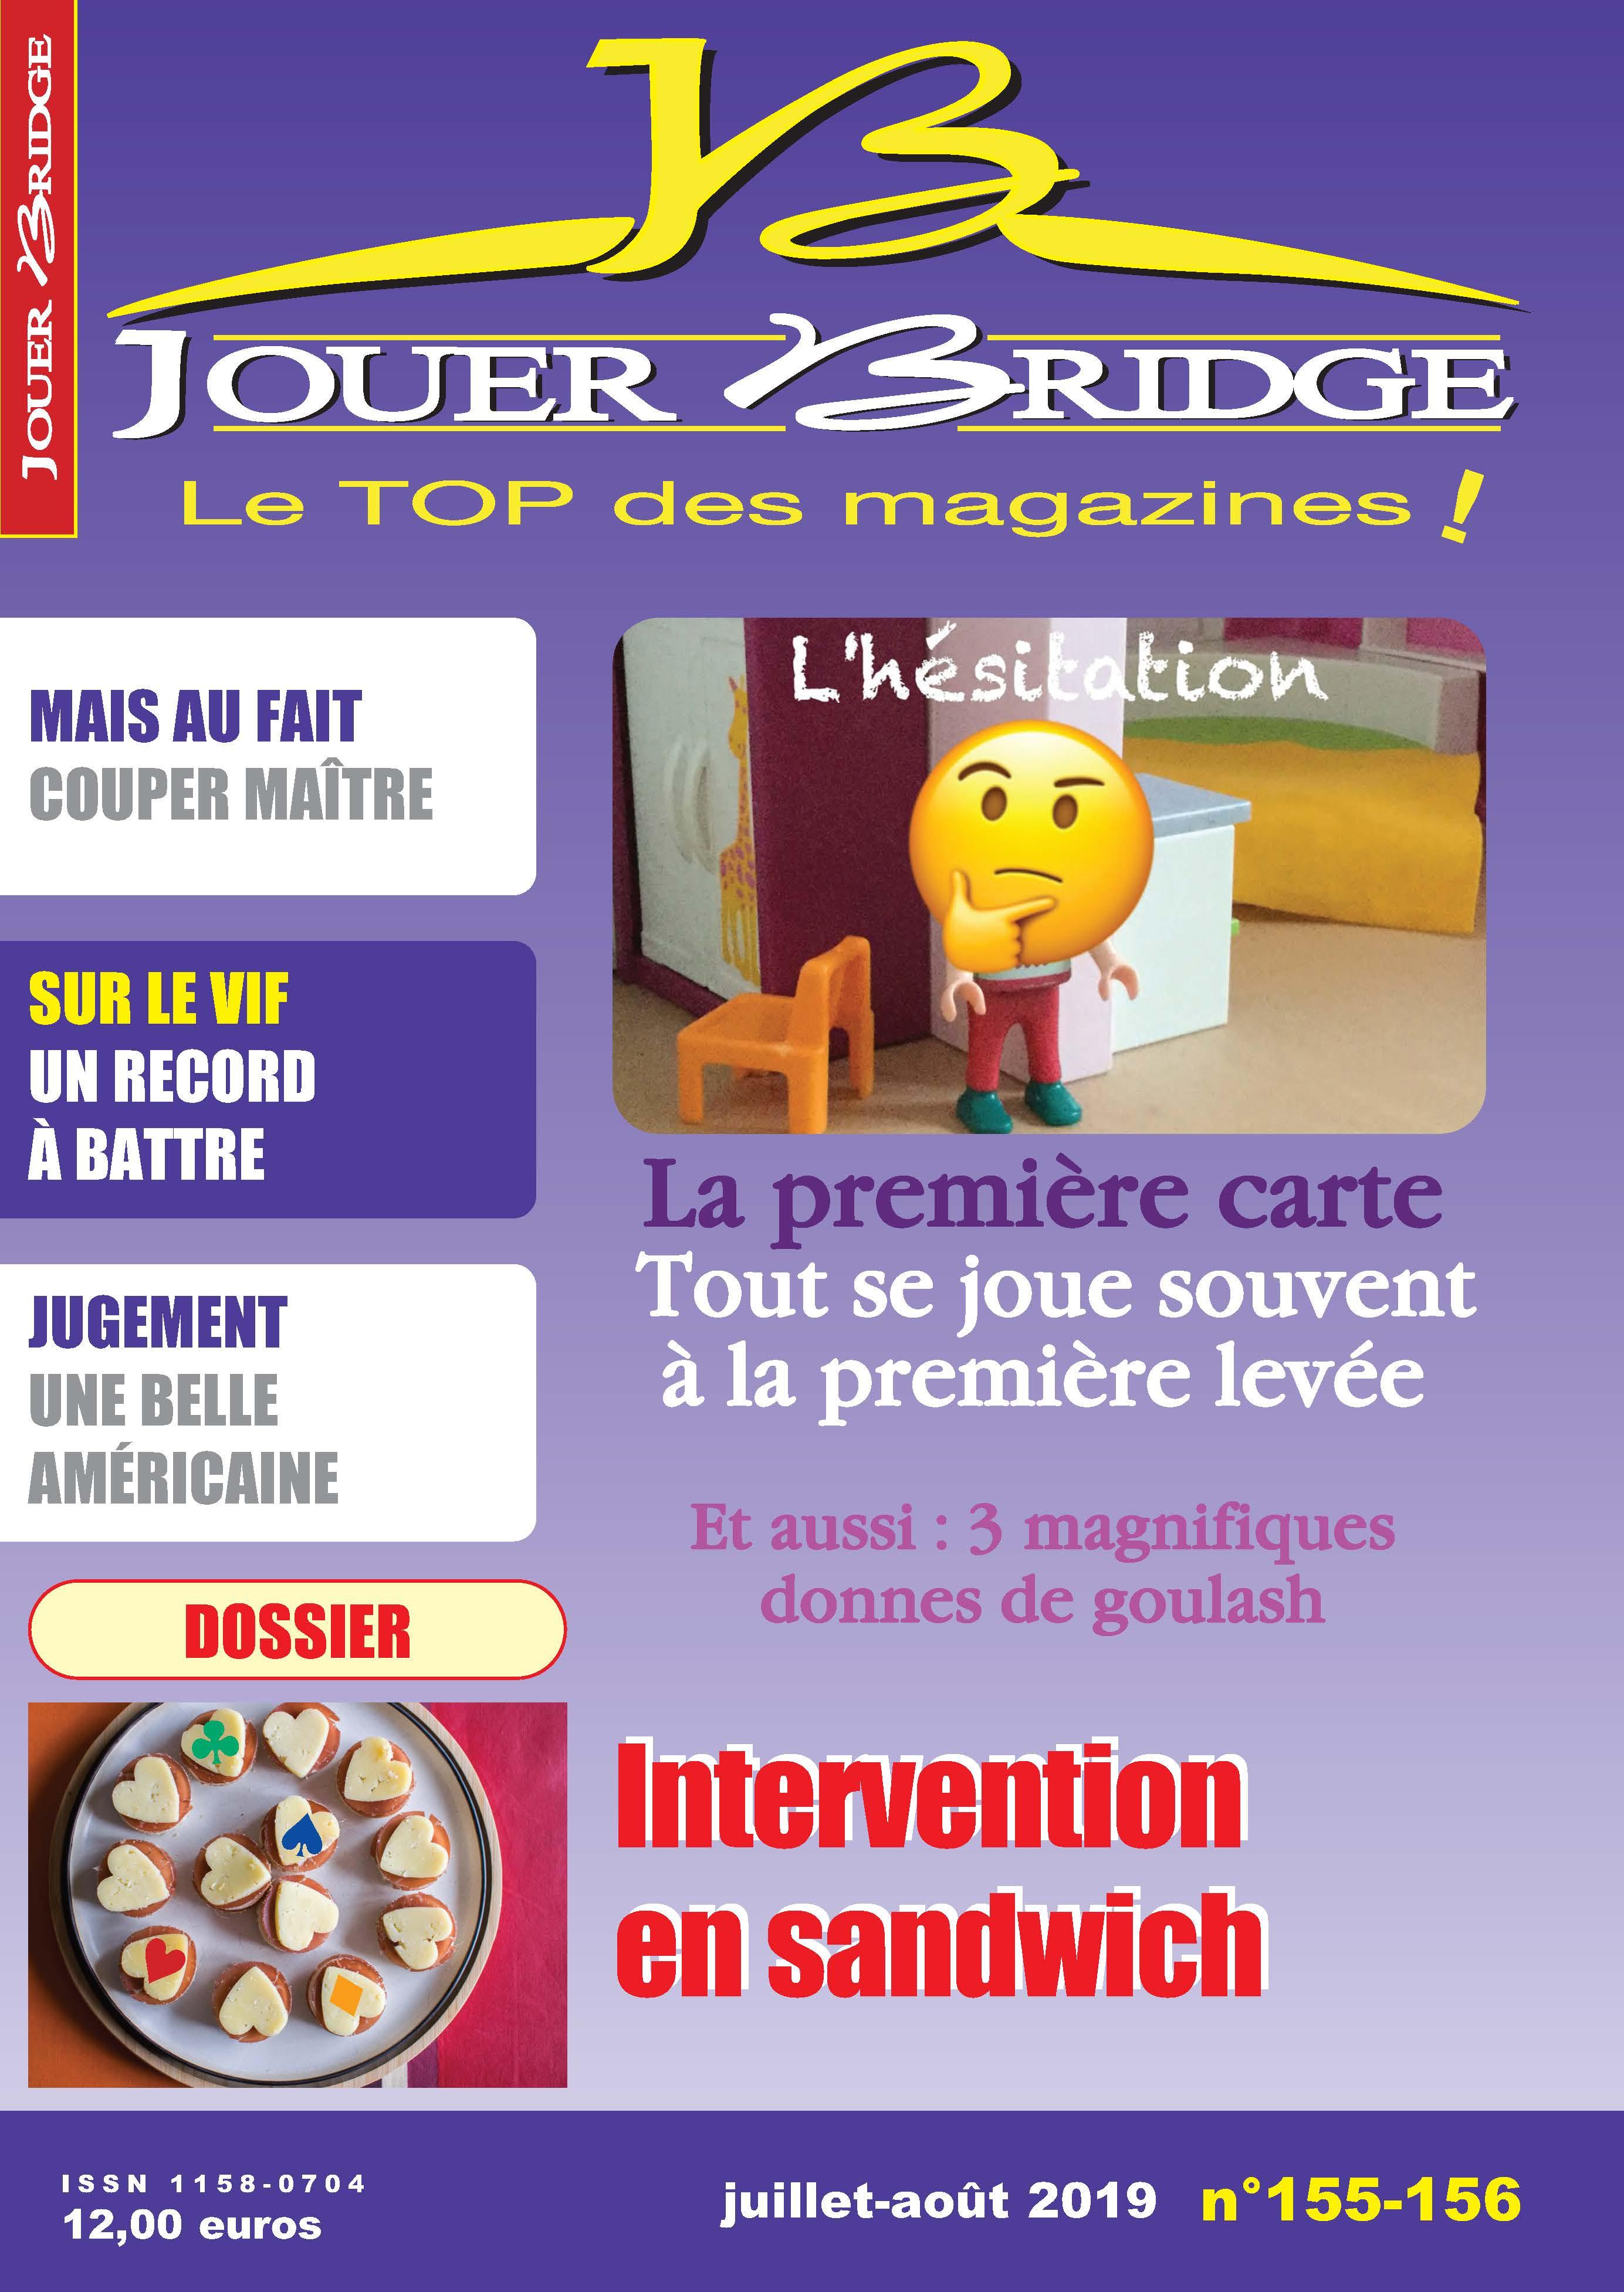 Jouer Bridge